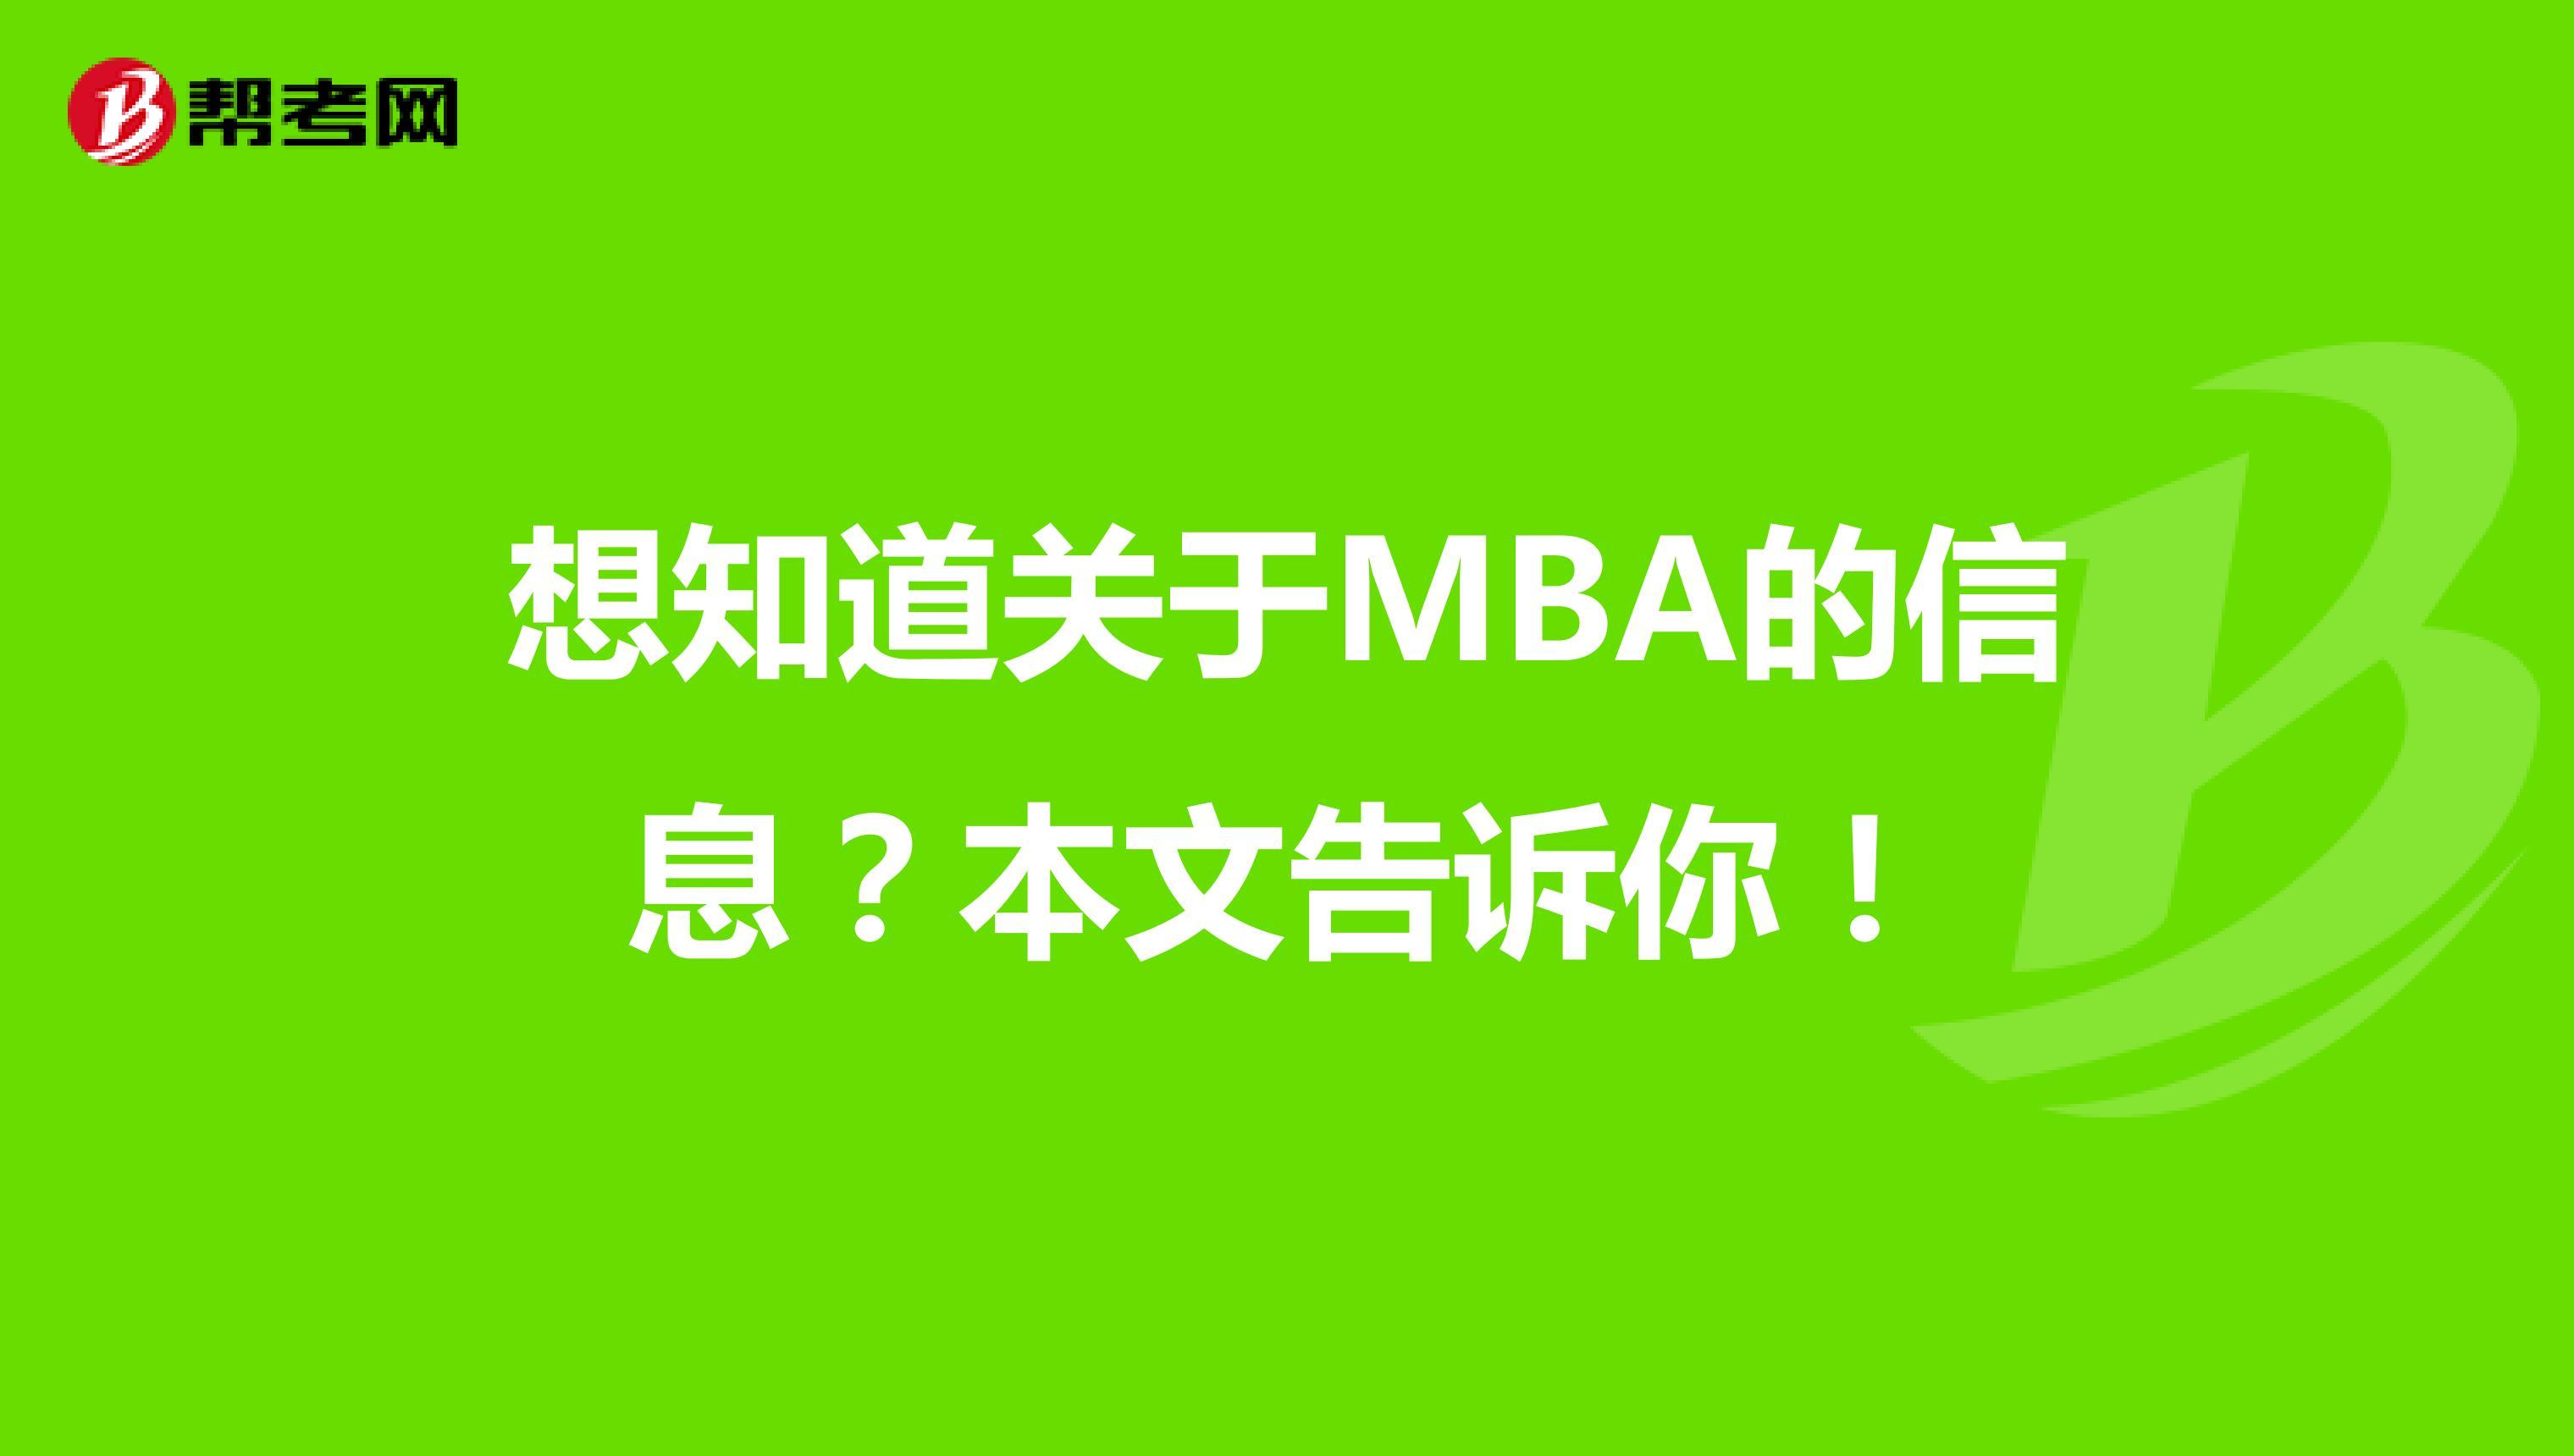 想知道关于MBA的信息?本文告诉你!